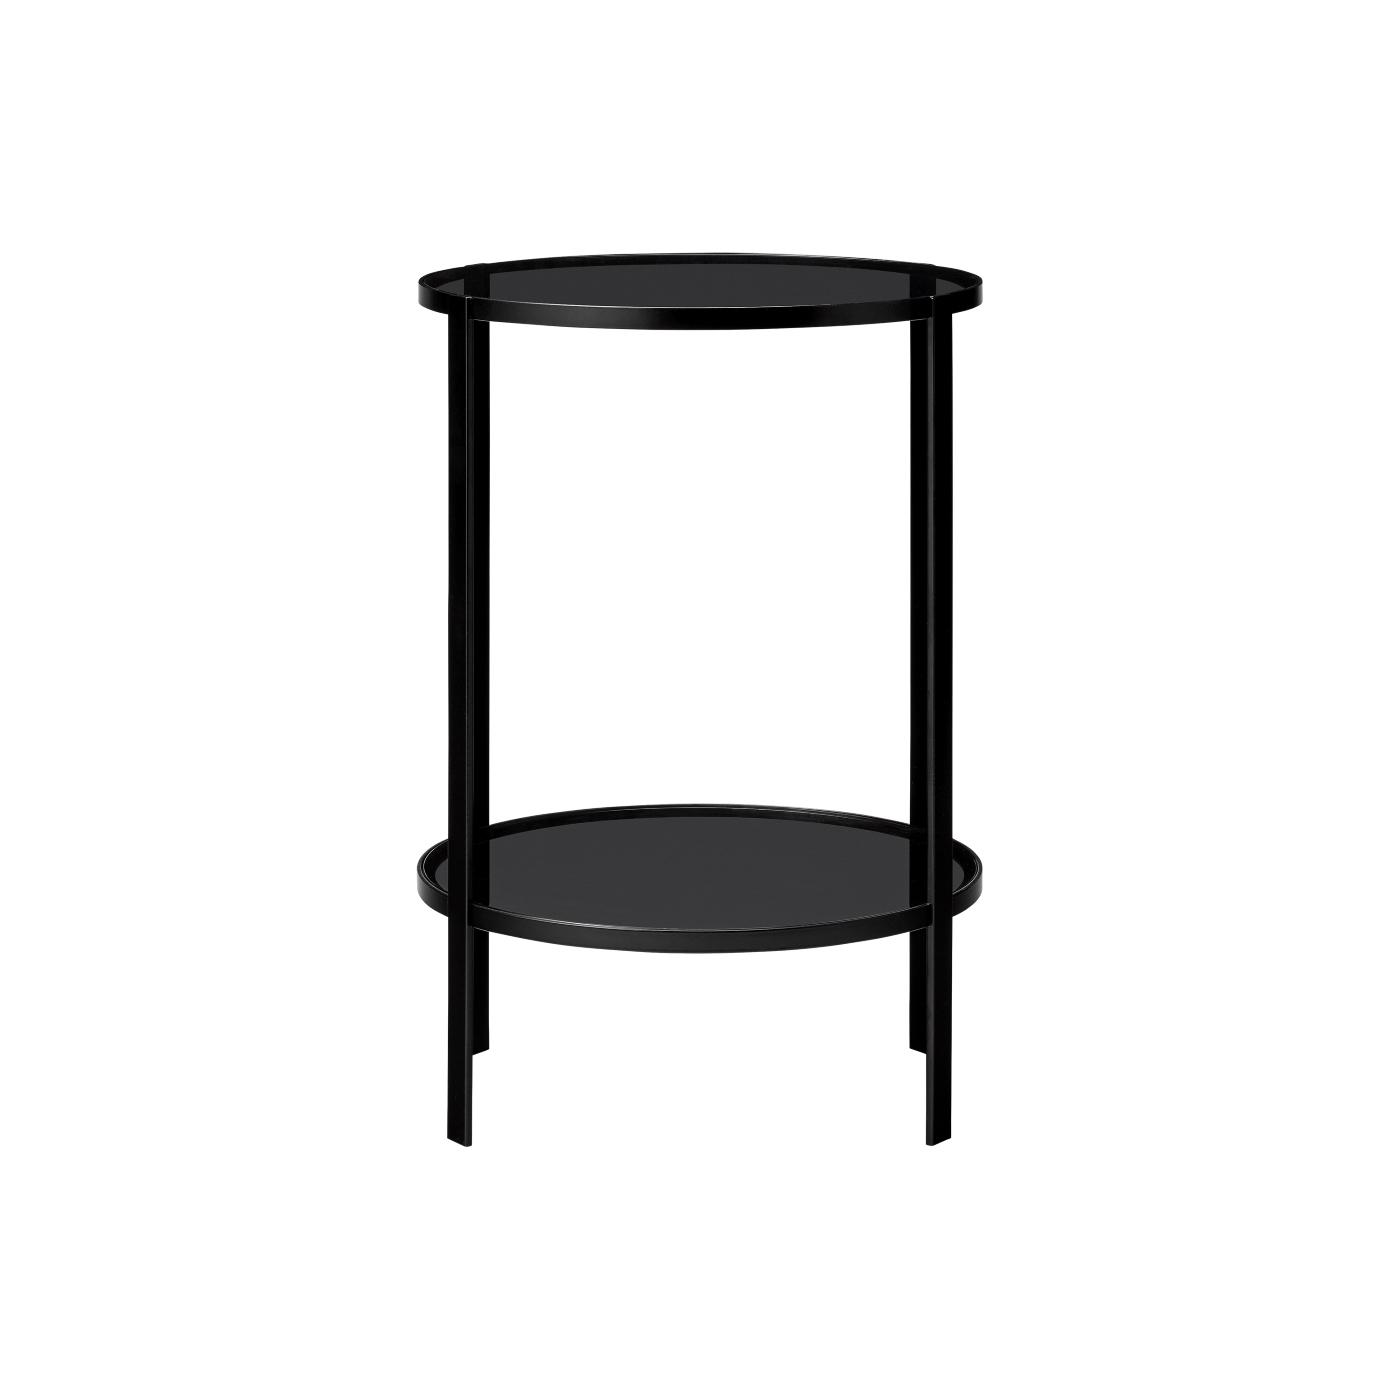 Avlastningsbord FUMI table 40 cm svart, AYTM